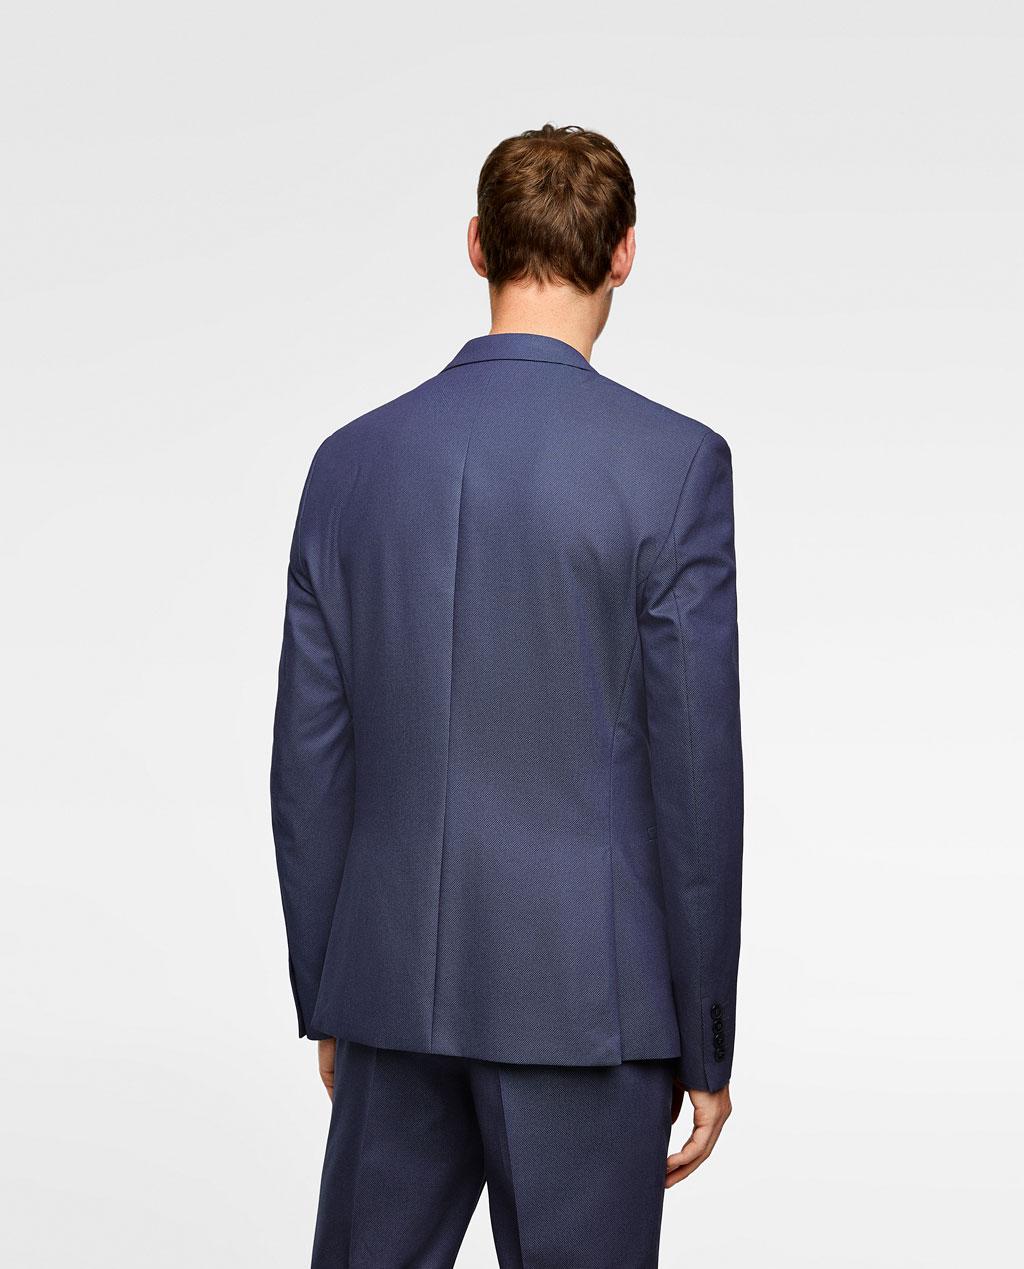 Thời trang nam Zara  23991 - ảnh 5